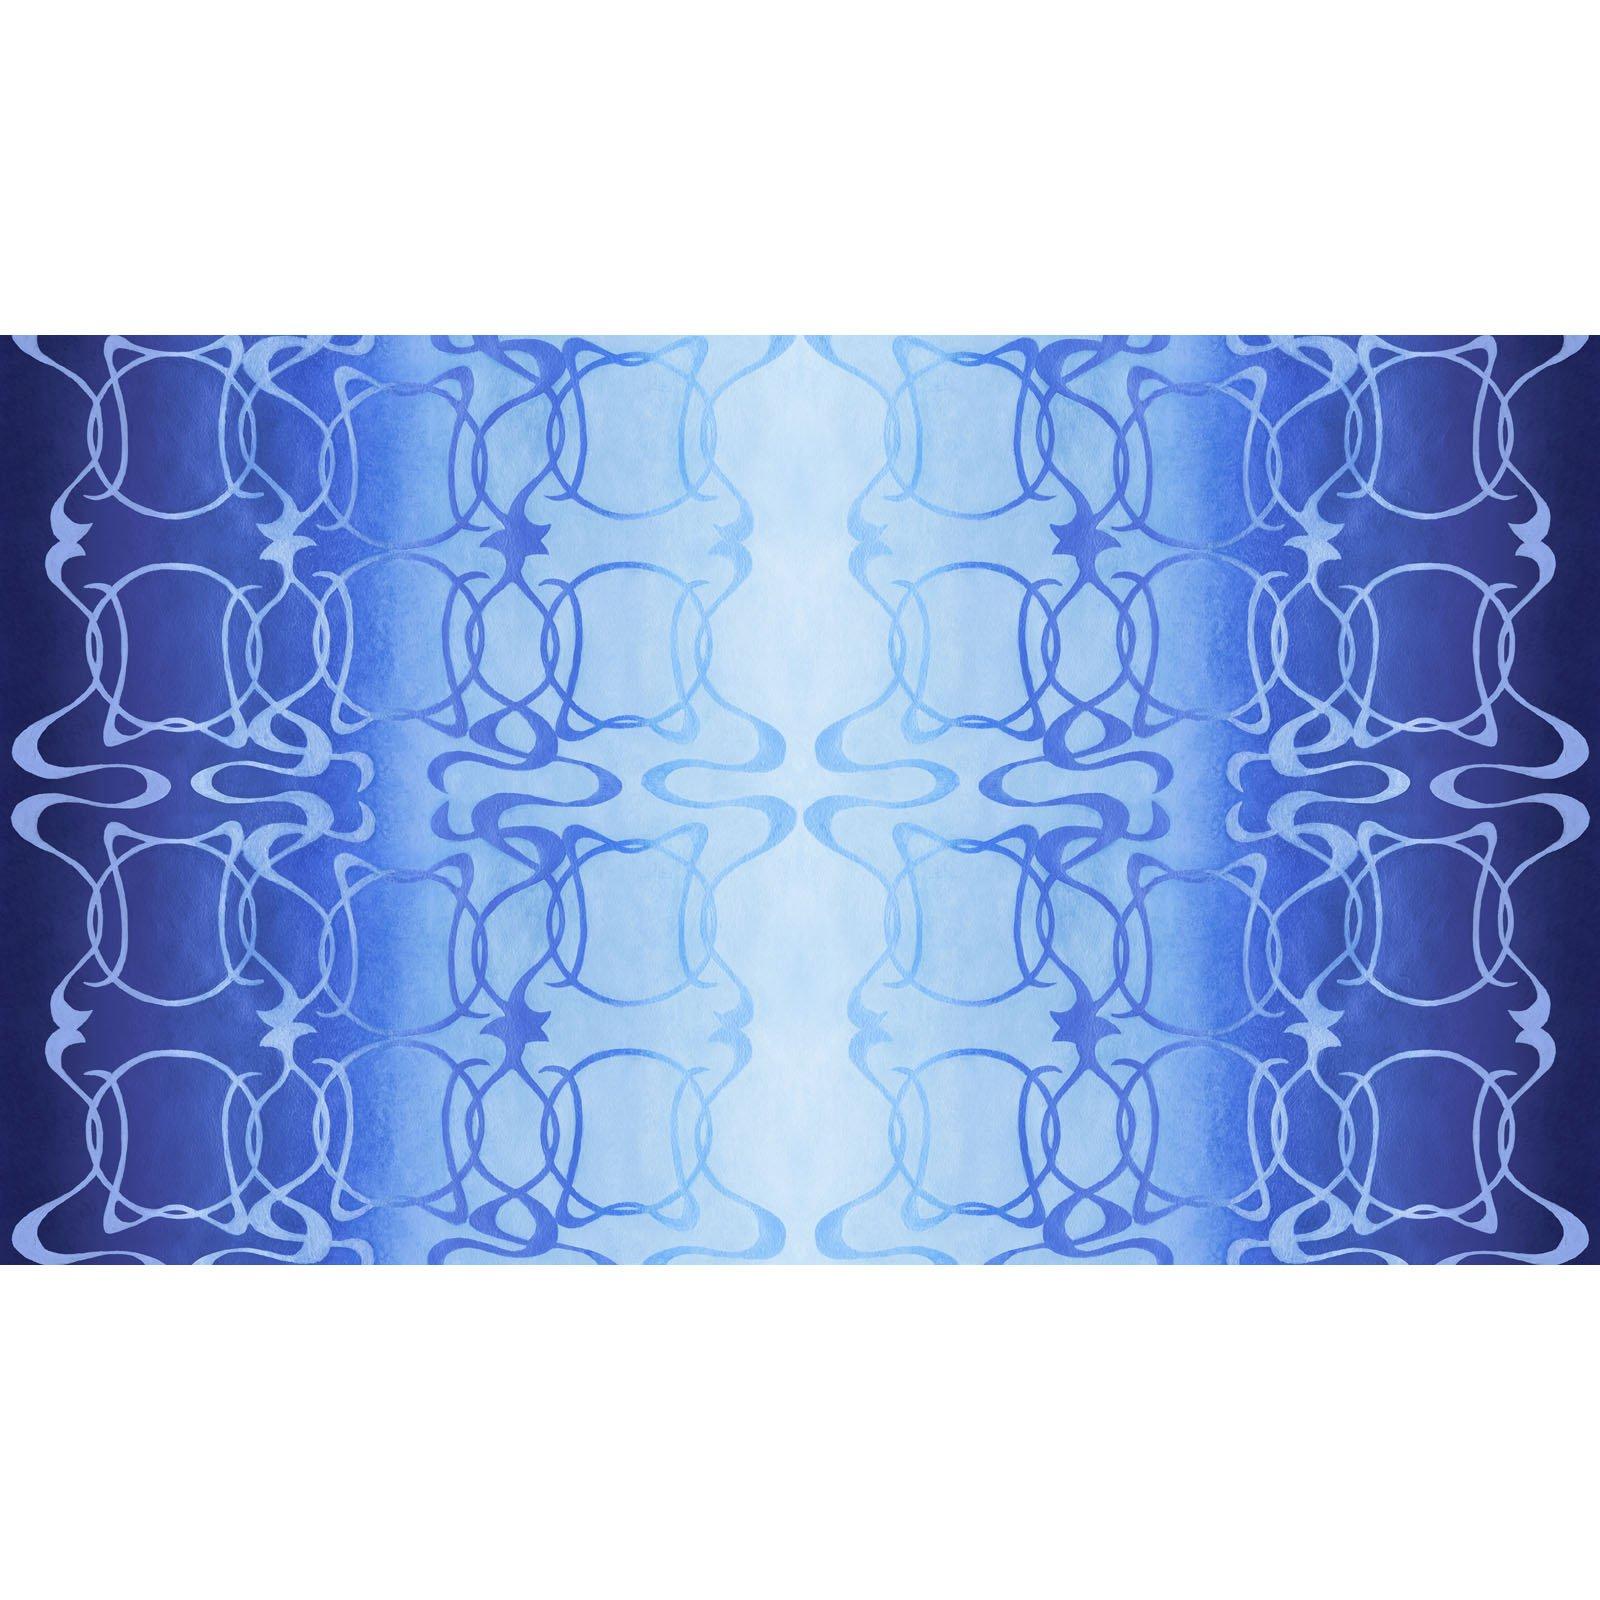 WILN-4355 B - WILDLIFE NOUVEAU DIGITAL BY JON VAN ZYLE NOUVEAU STRIPE BLUE - ARRIVING IN FEBRUARY 2021